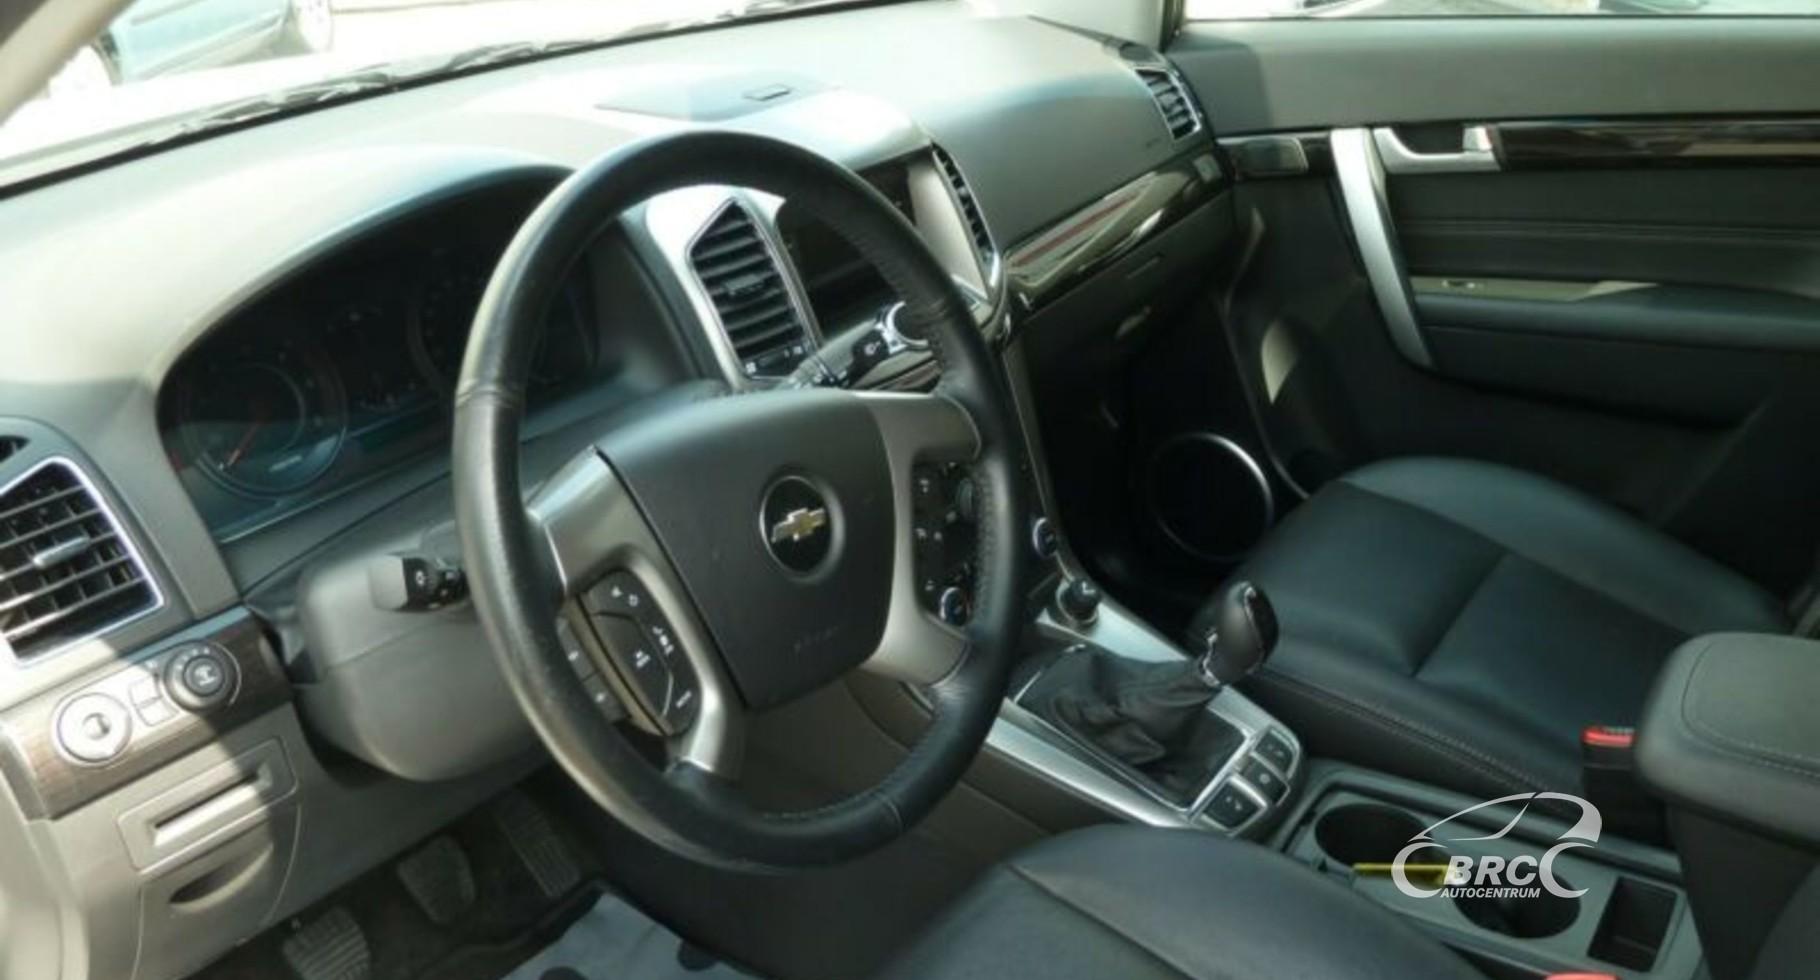 Chevrolet Captiva 2.2 VCDi